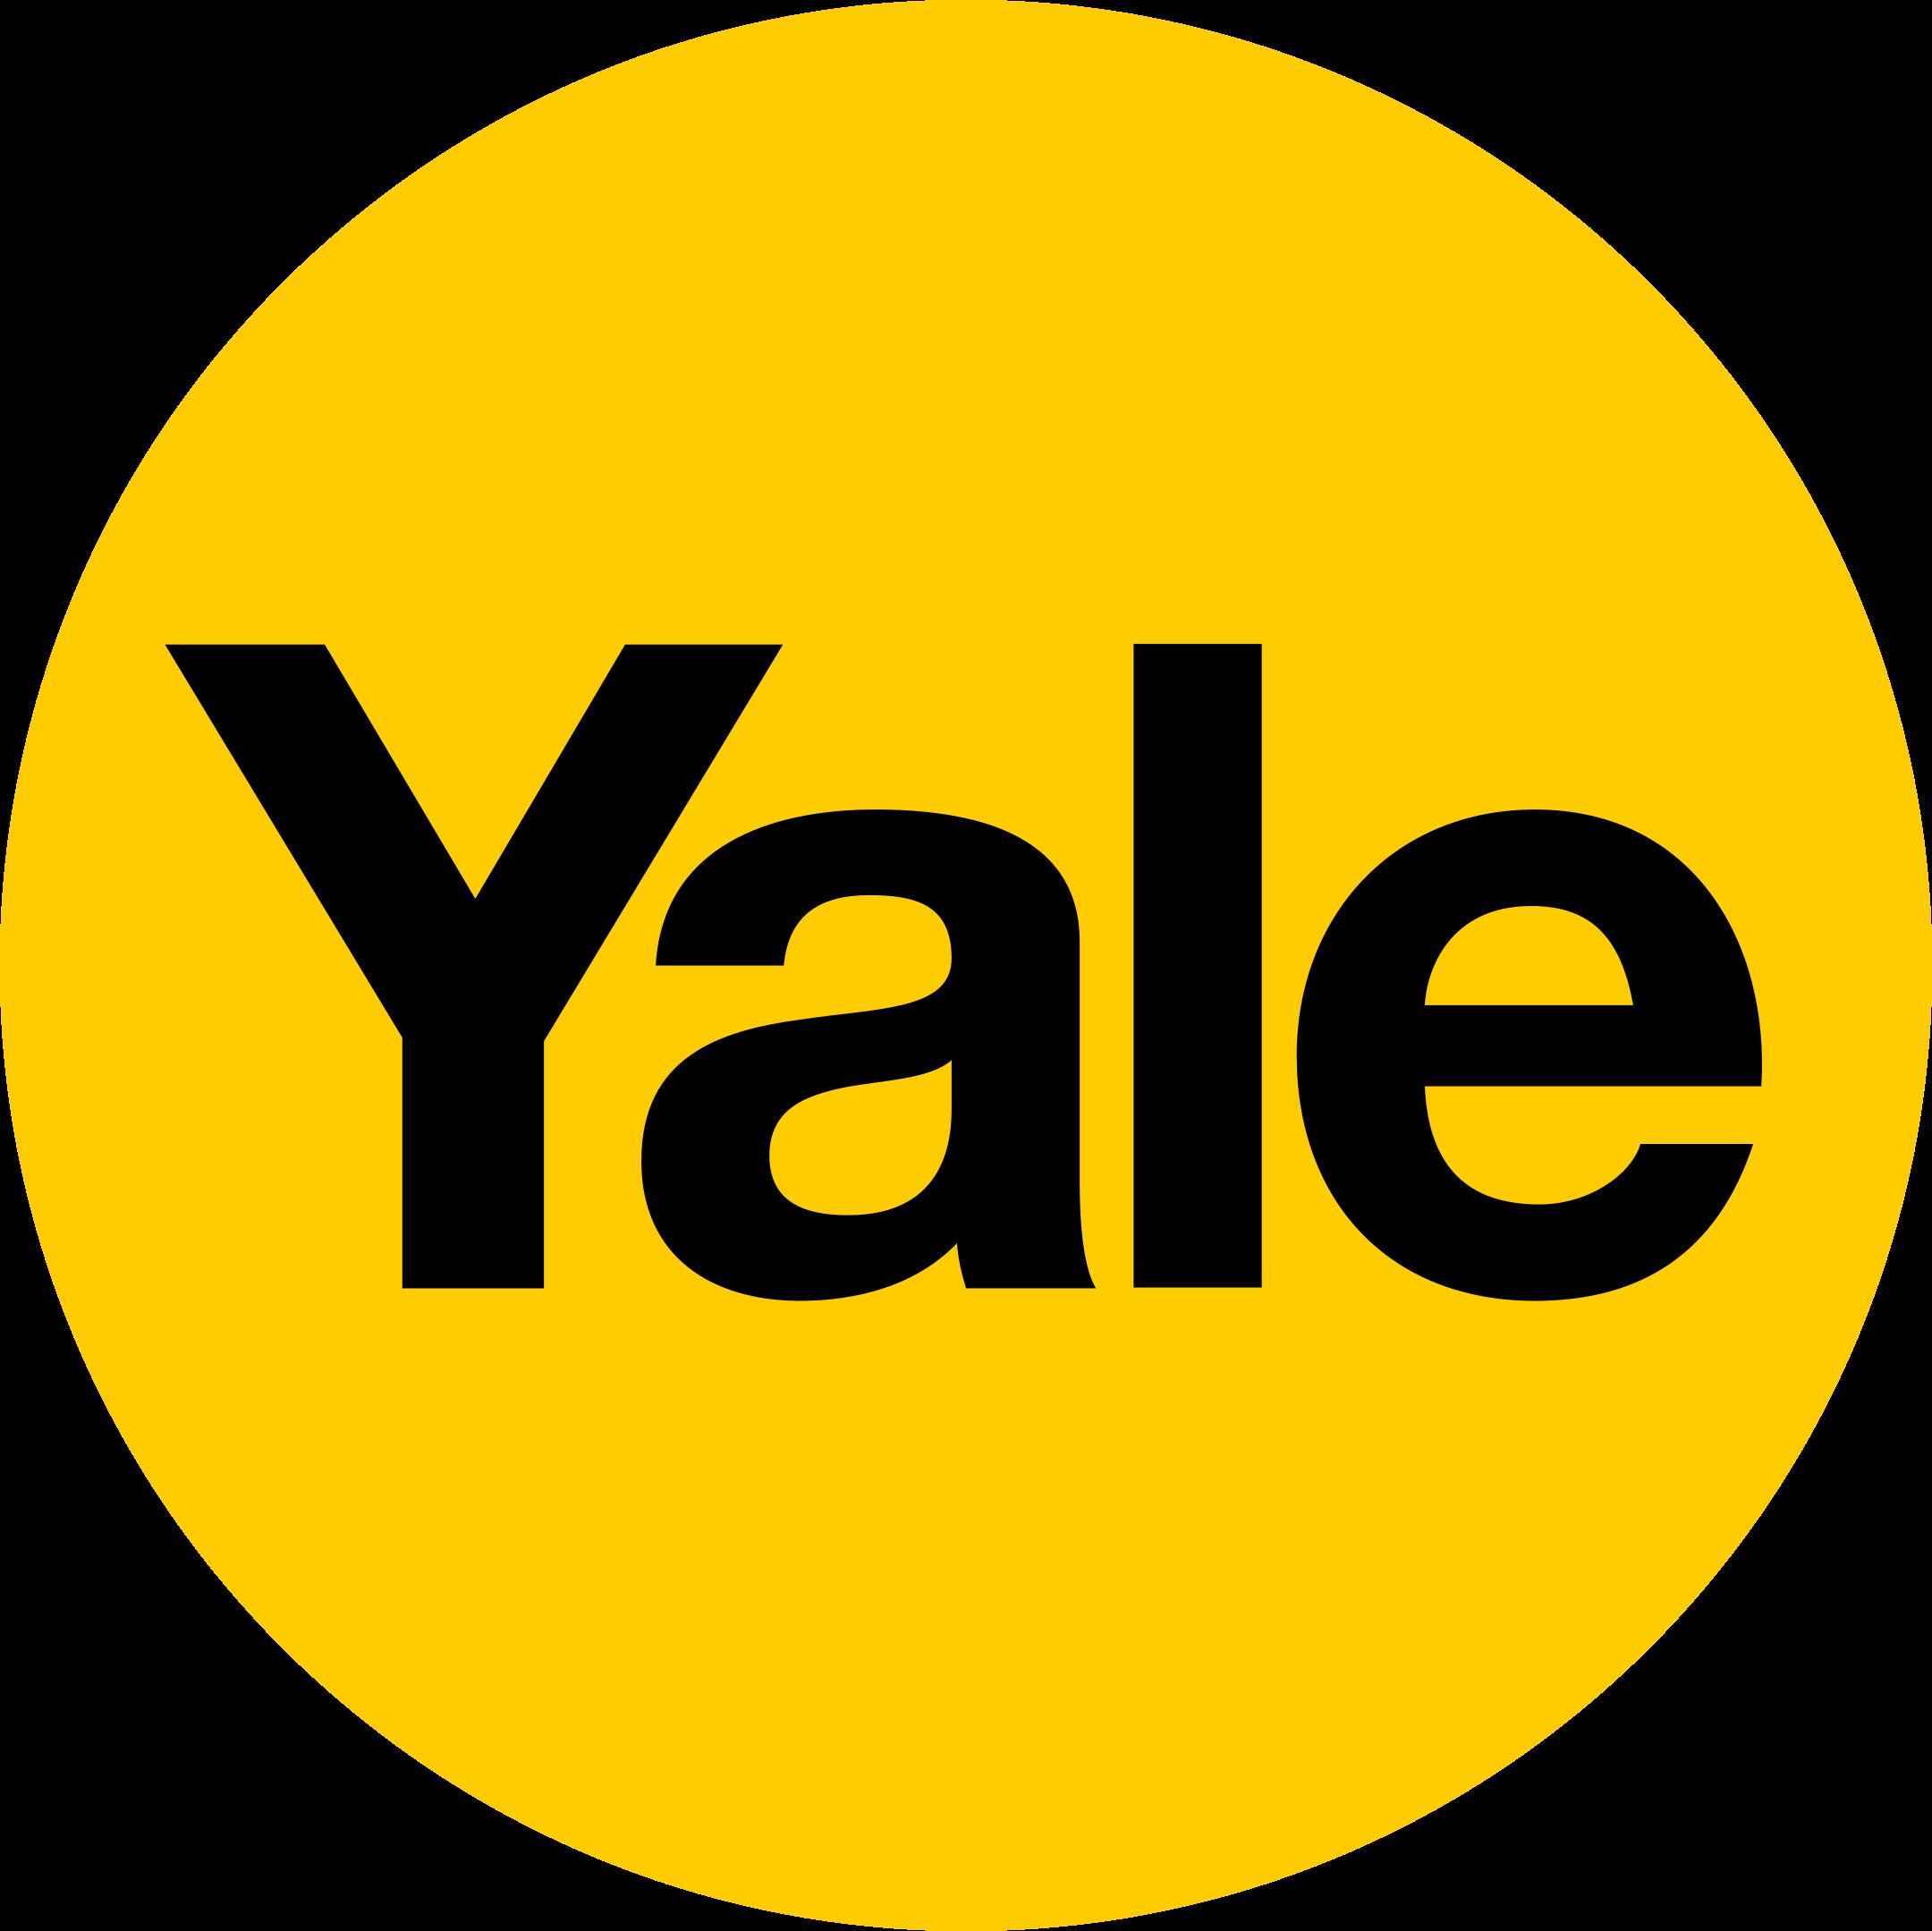 yale logo 1 - Yale Logo